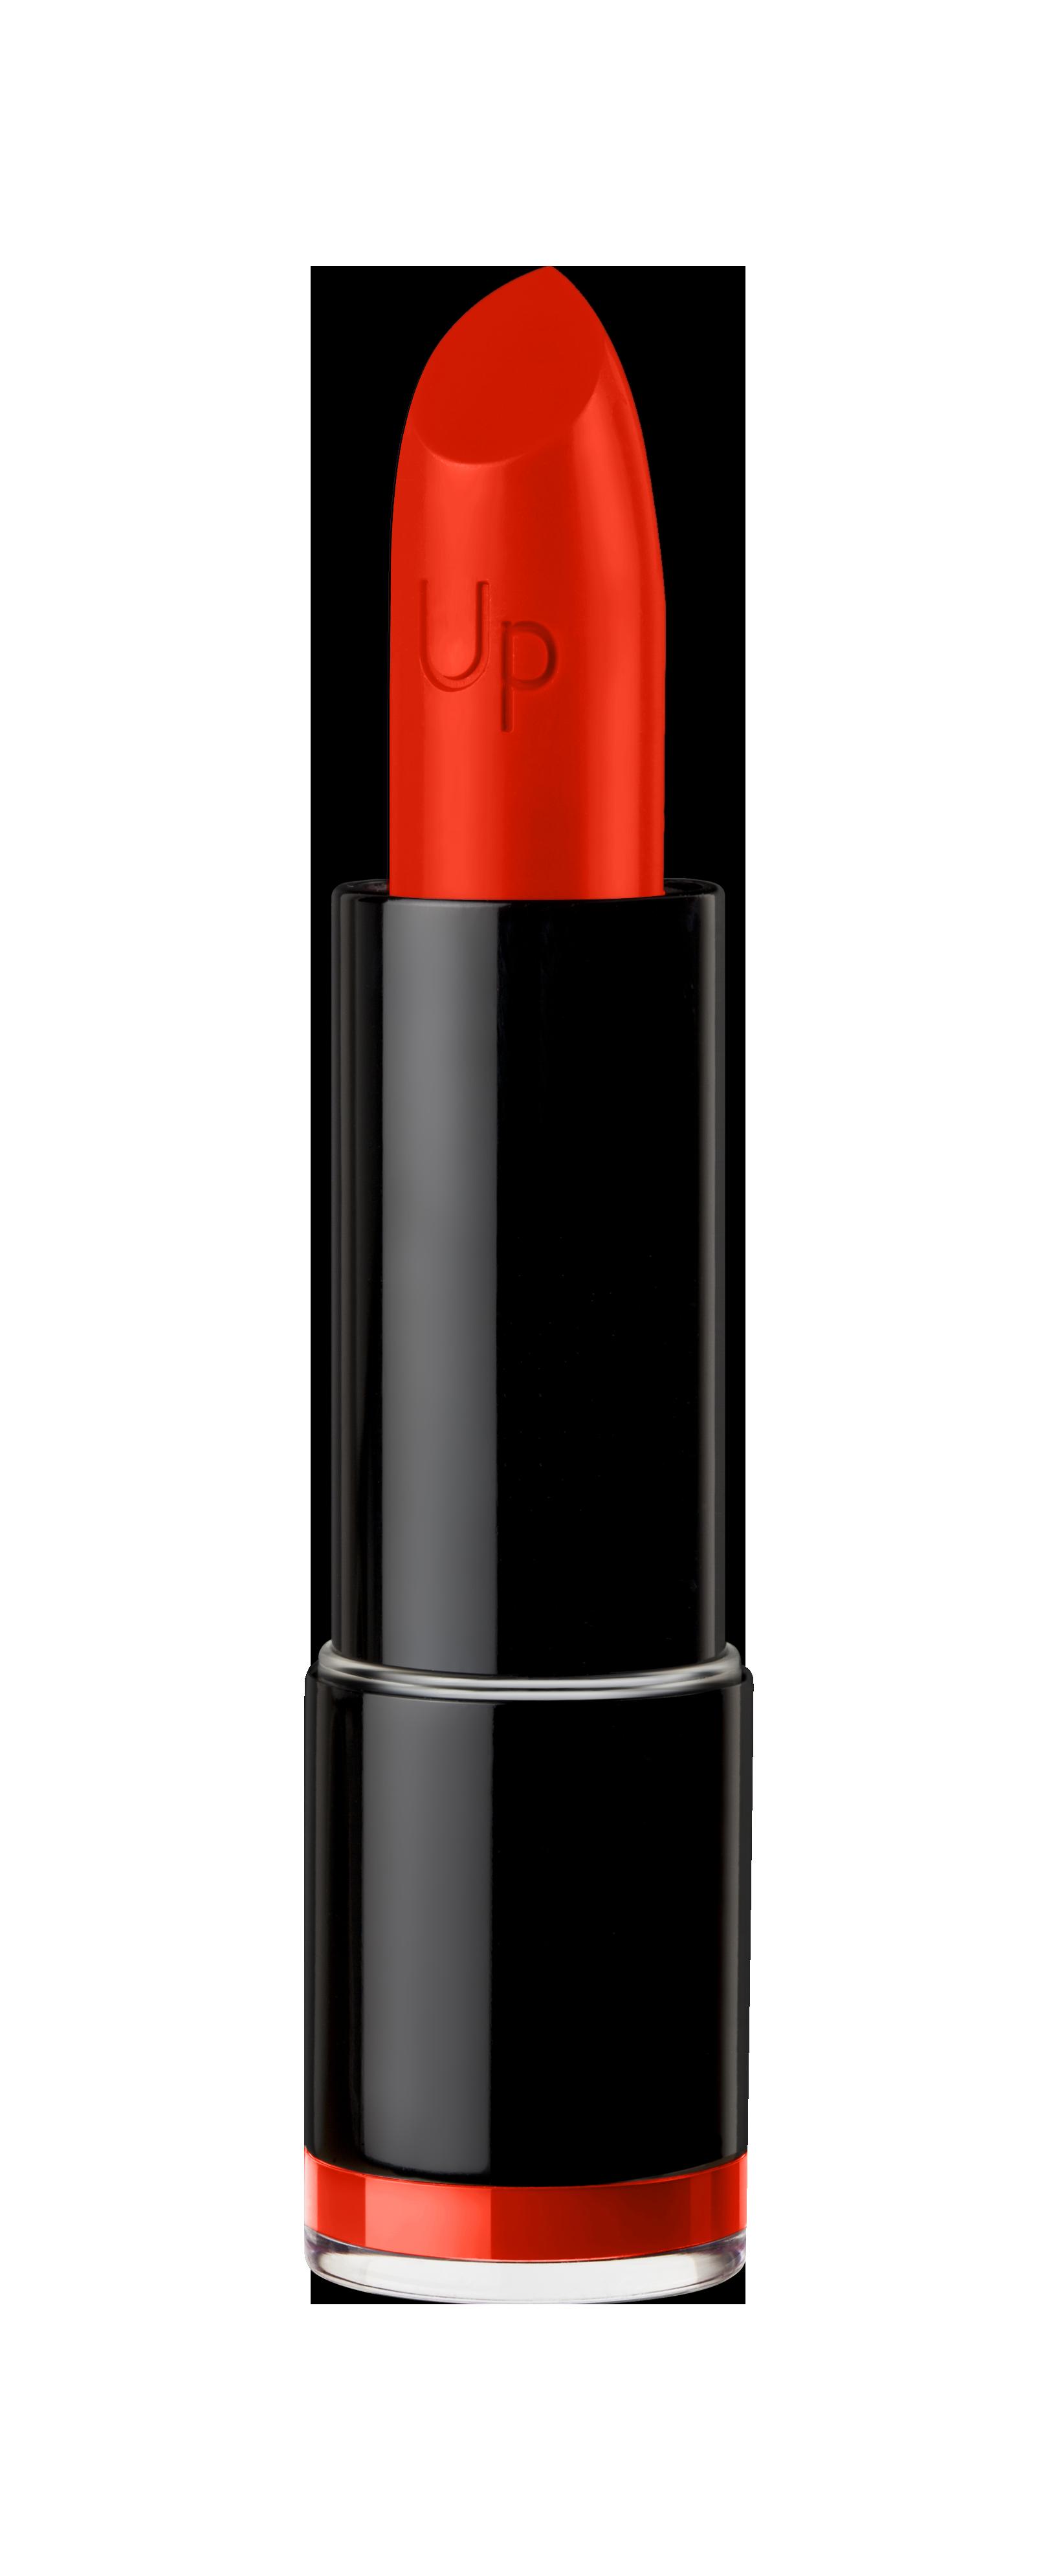 Lipstick PNG Transparent Picture SVG Clip arts